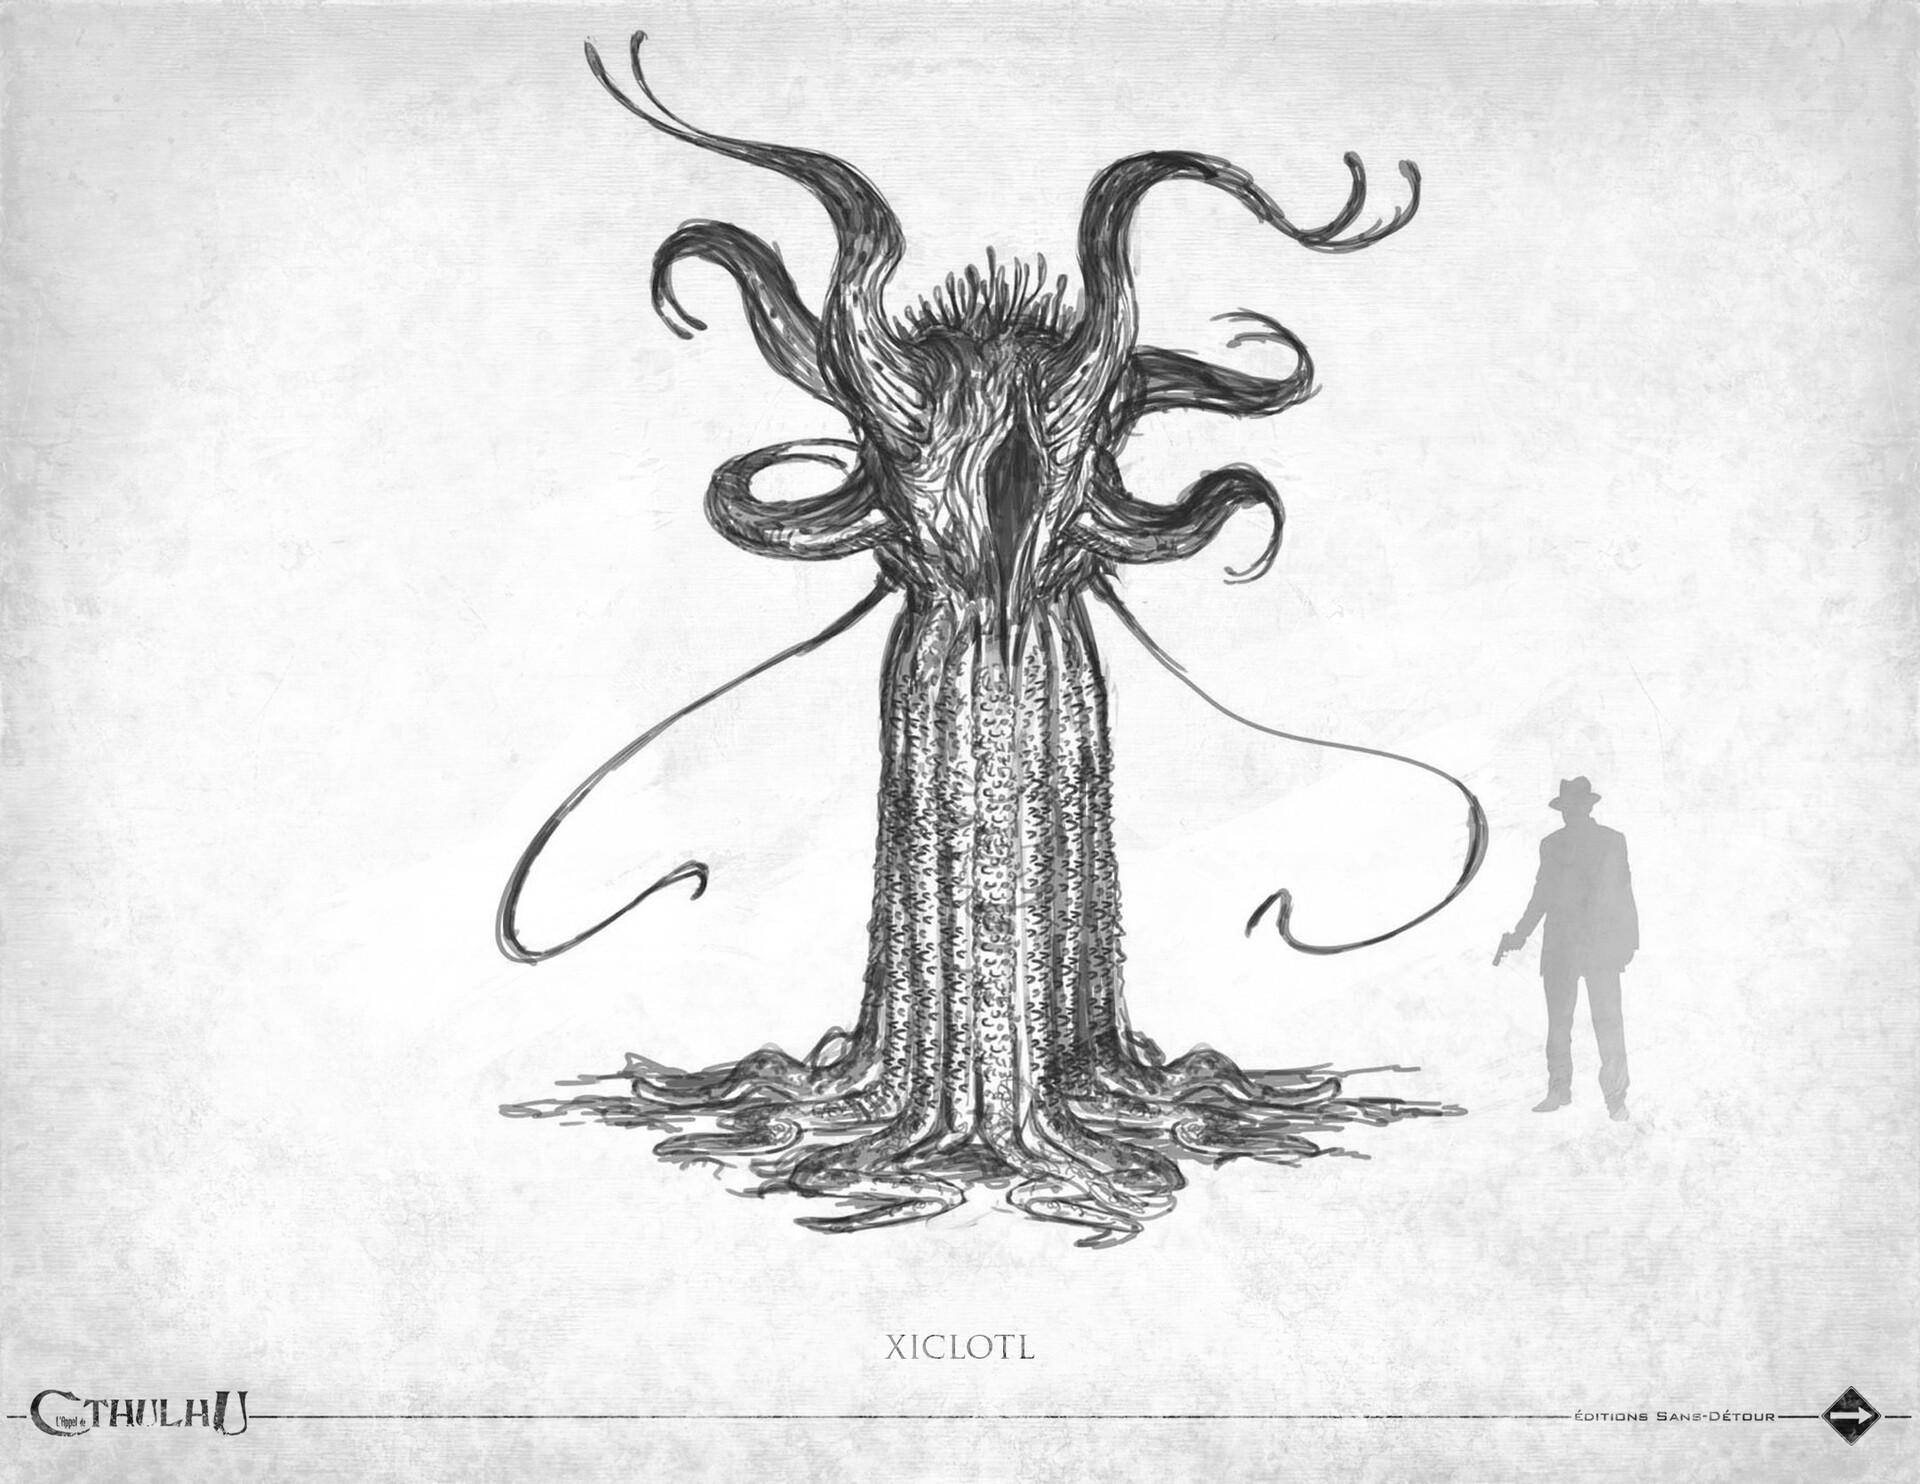 Seres de Xiclotl